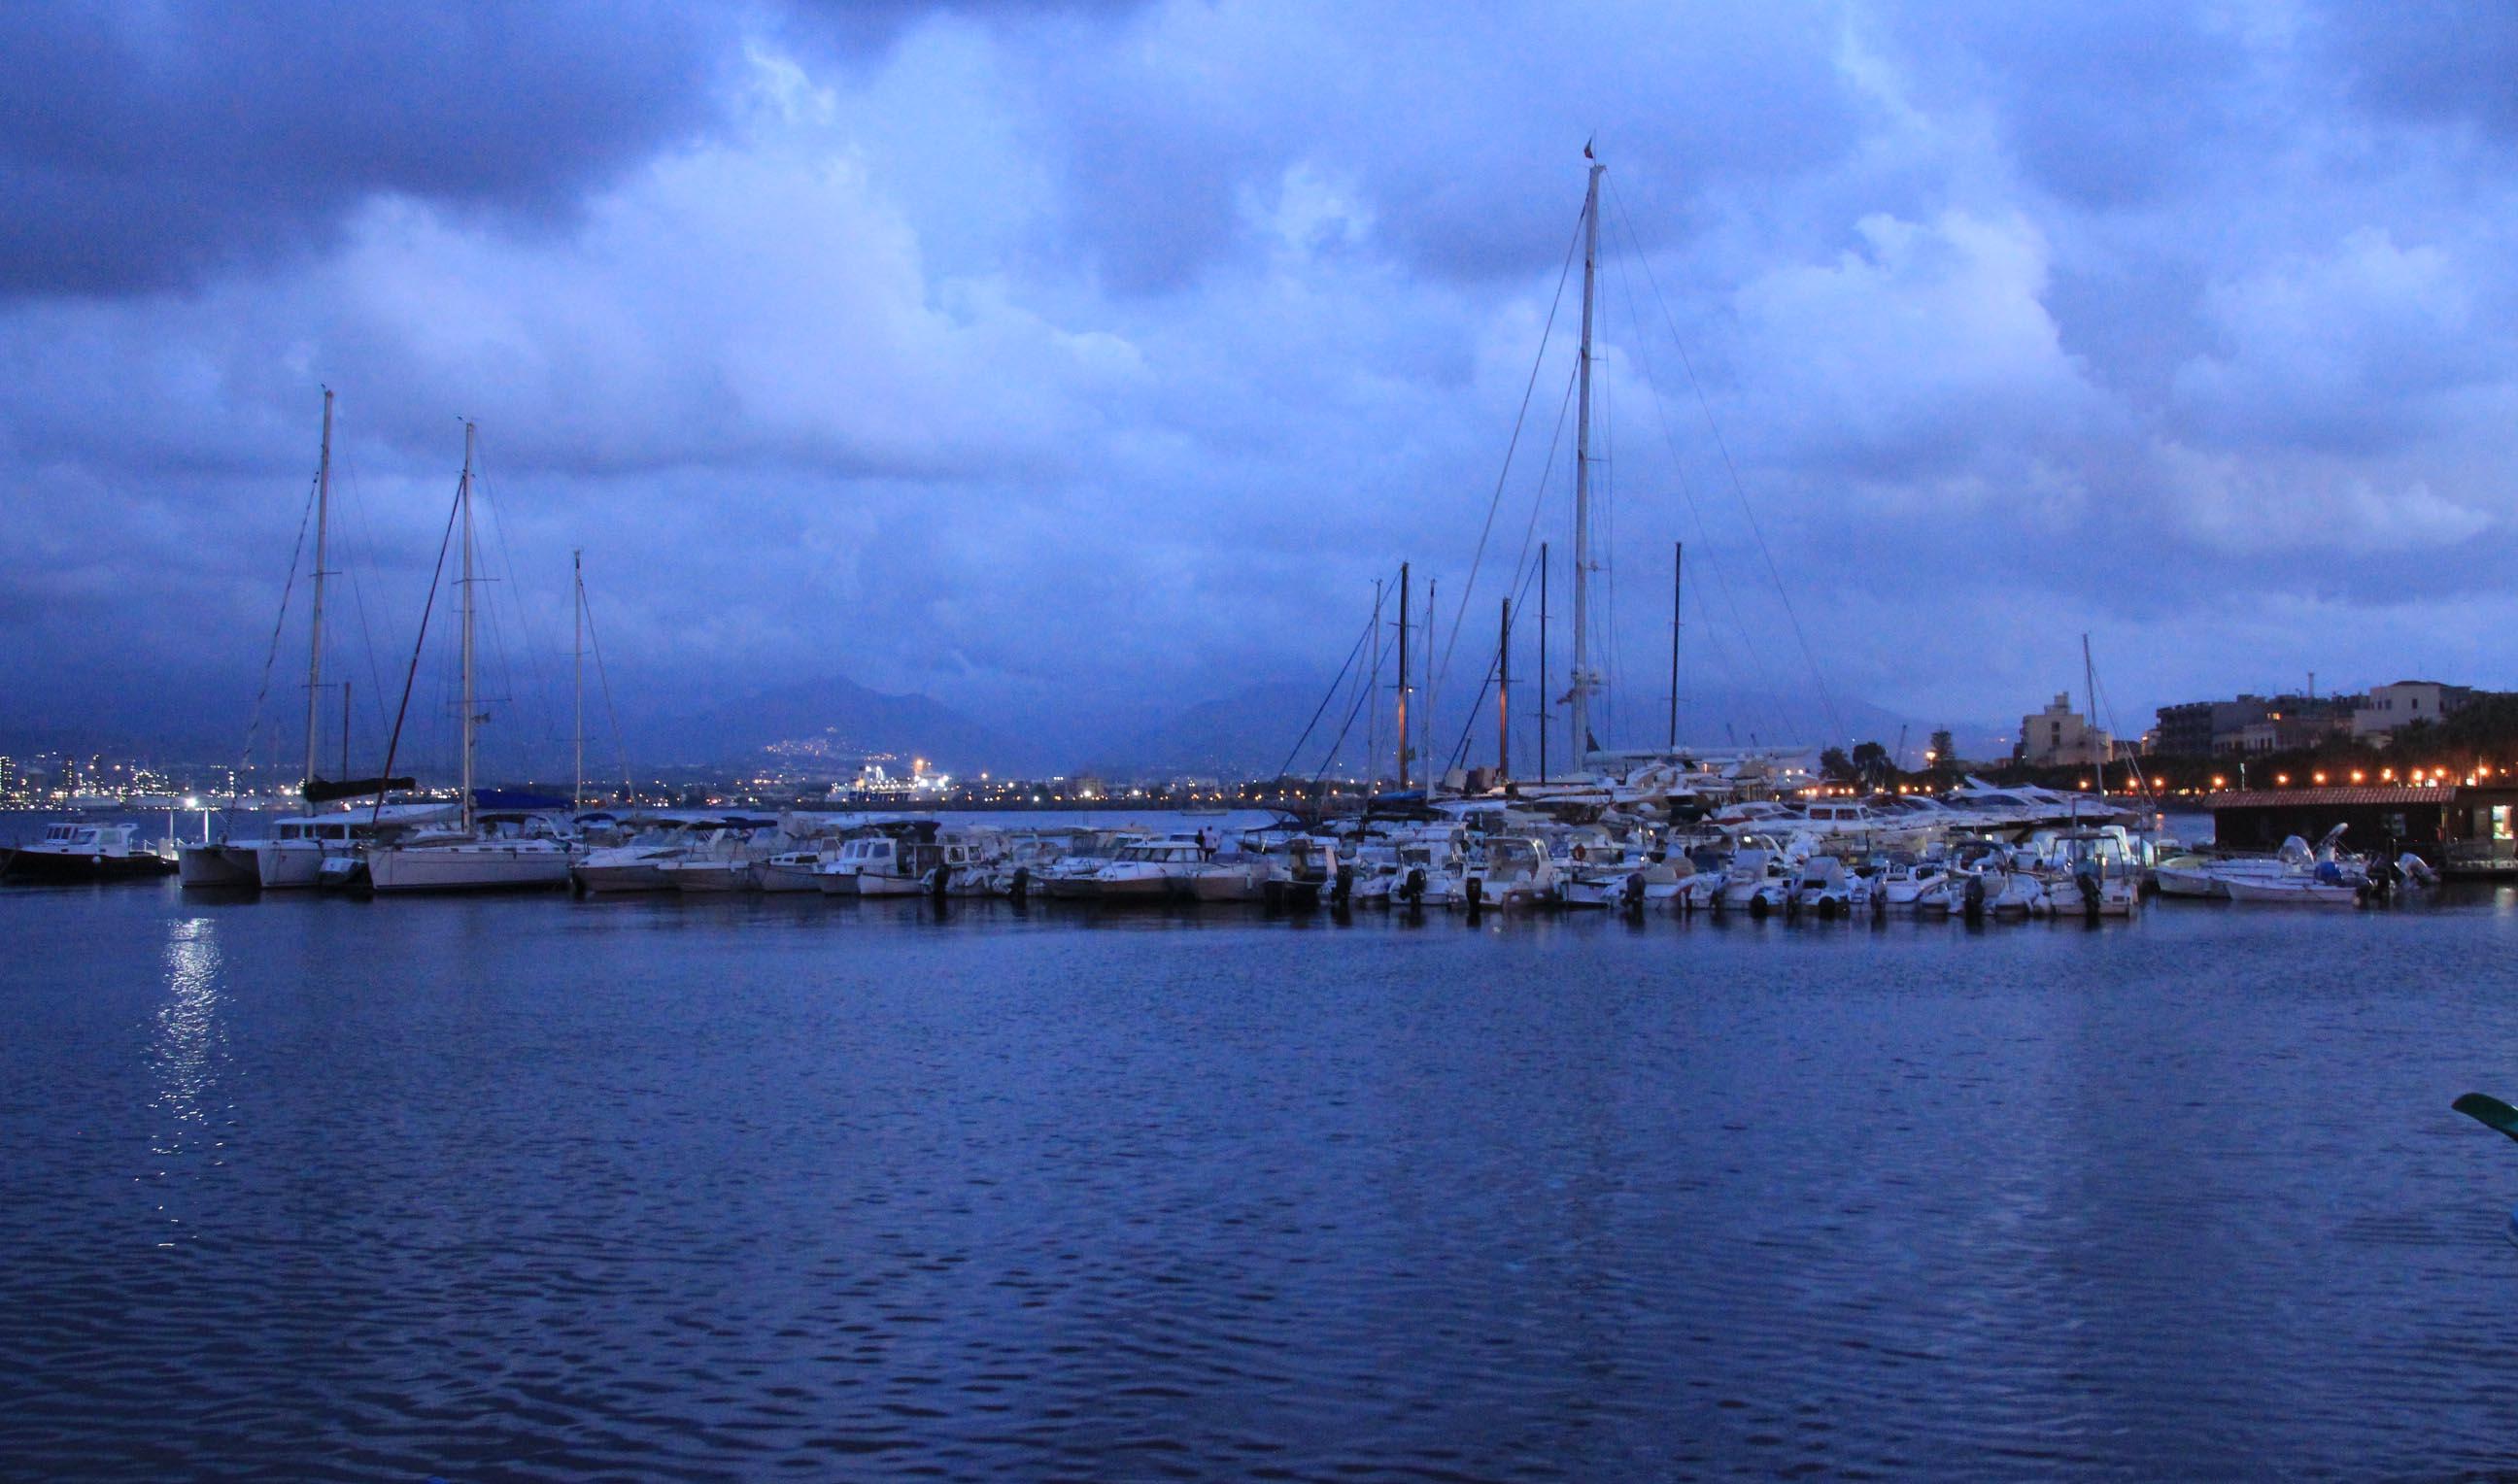 Port of Milazzo